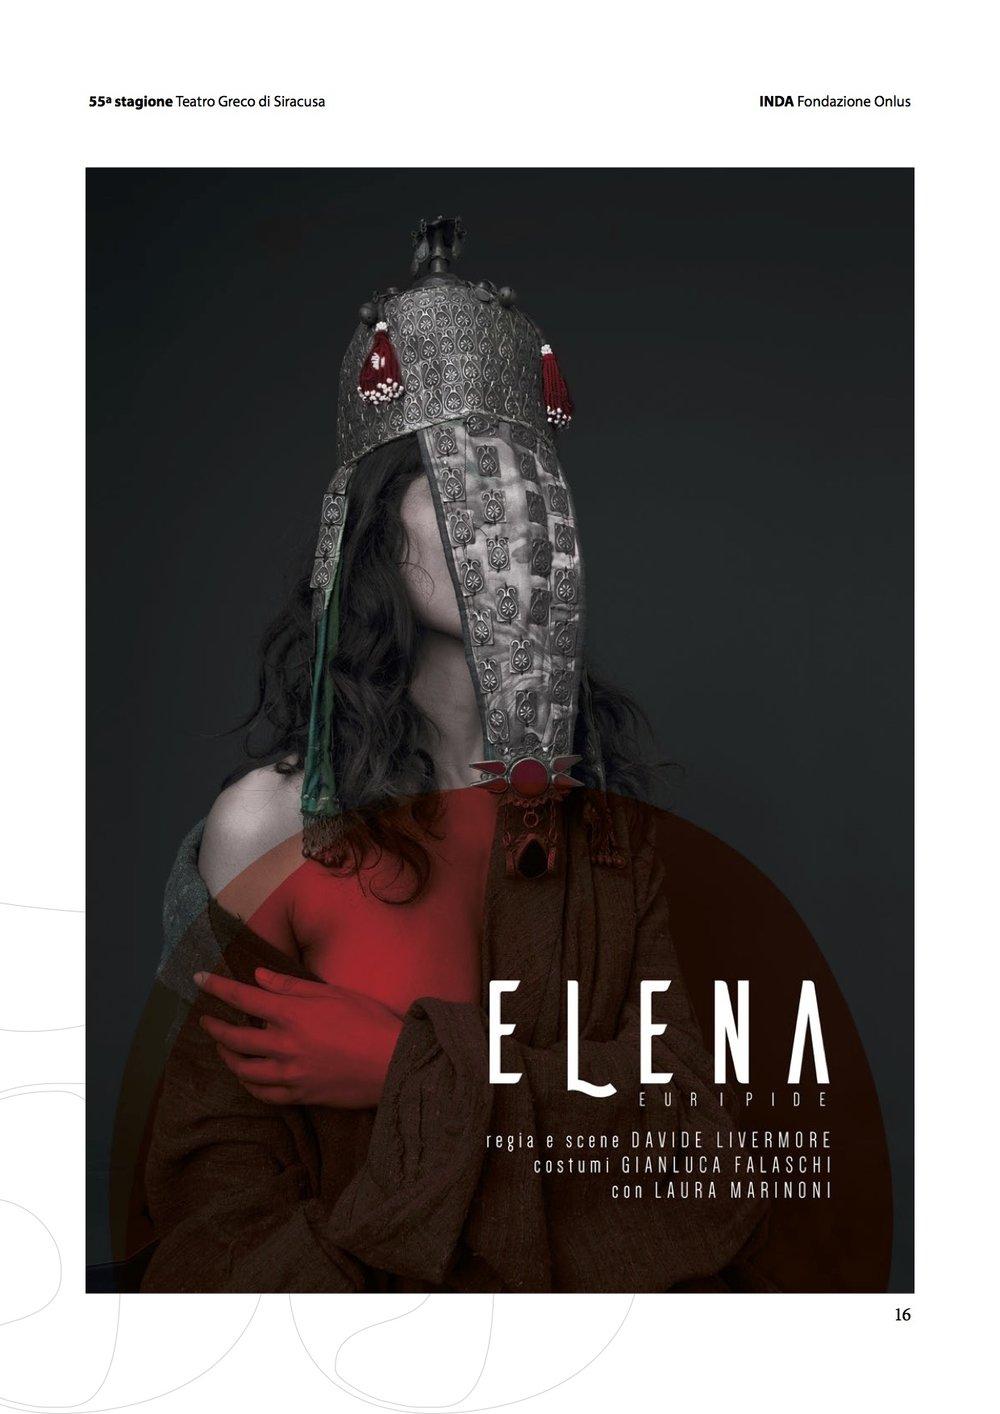 ELENA_Teatro Greco Siracusa_stagione 2019